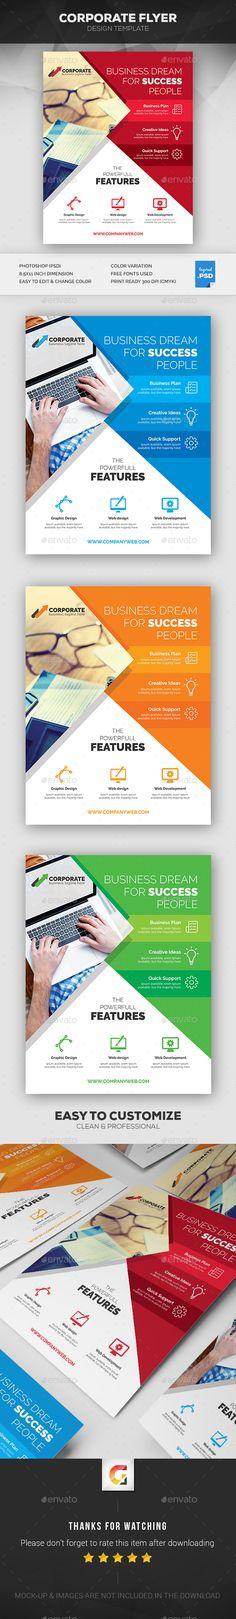 Creative Corporate Flyer Template PSD